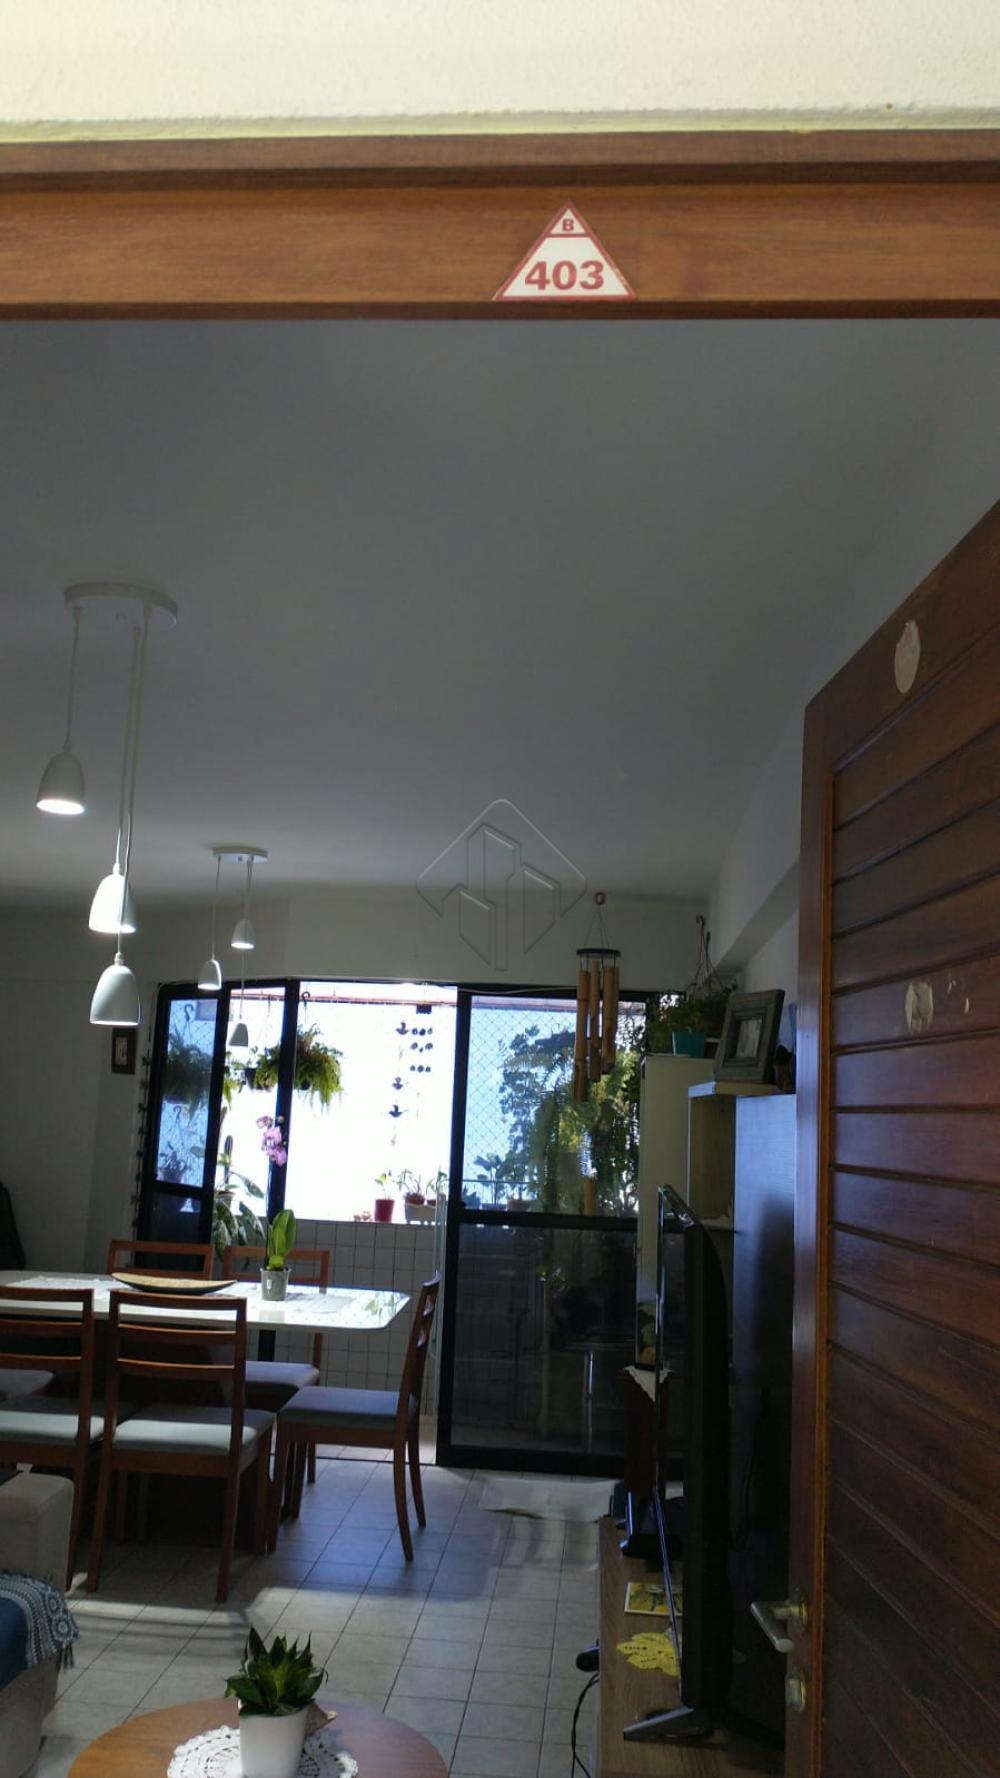 Ótimo Apartamento localizado no Bairro de Cabo Branco próximo de Hotéis, Restaurantes; diversas atrações e a 50 metros do Mar.  O Apartamento conta com:  -78 m² -Sala de jantar -Sala de estar -2 Quartos sendo uma suíte -Dependência -2 WC social -Cozinha com moveis projetados -Varanda -Uma vaga de garagem  O Prédio Possuí  -Salão de Festa -Piscina -Sauna -Água e gás incluso  Marque agora mesmo uma visita e aproveite os melhores momentos com a sua família de casa nova!  AGENDE AGORA SUA VISITA TEIXEIRA DE CARVALHO IMOBILIÁRIA CRECI 304J - (83) 2106-4545